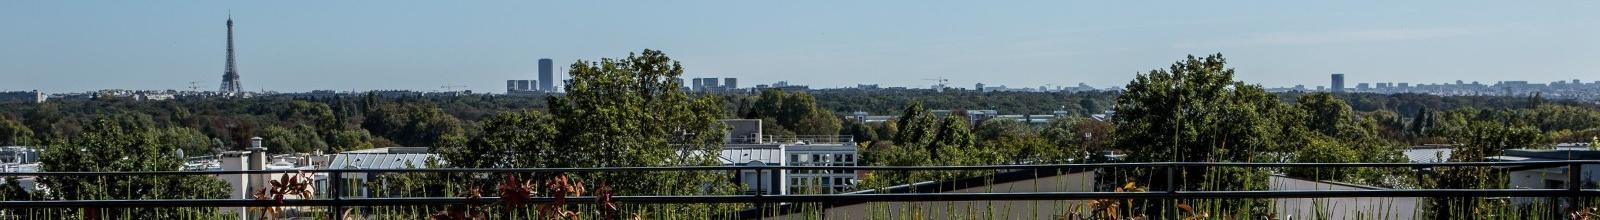 Atrium Hotel Suresnes - Aussicht